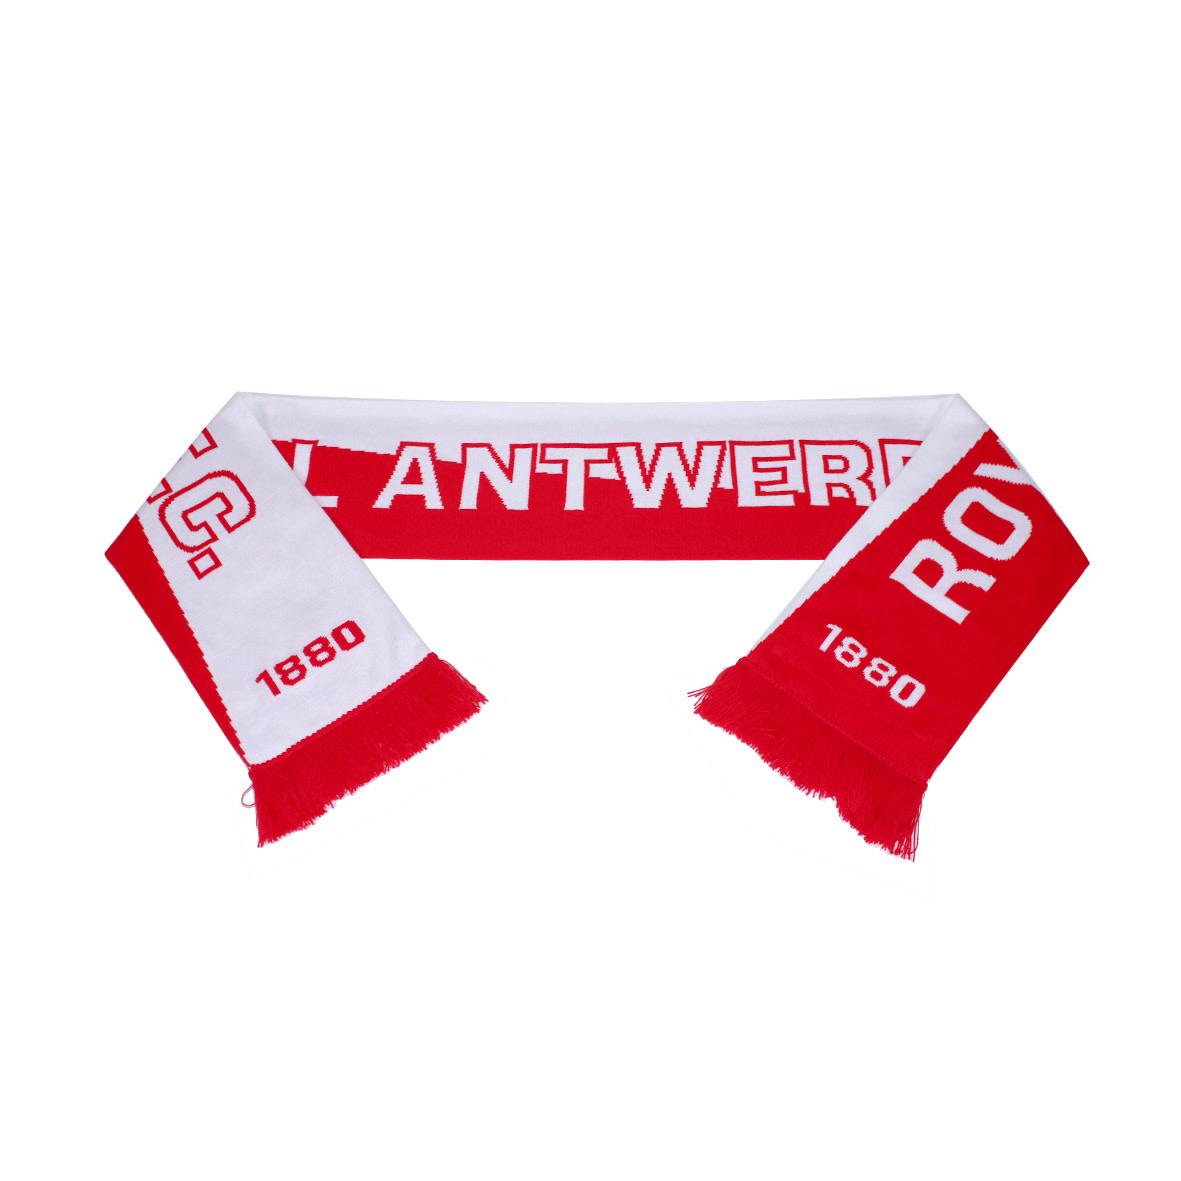 Antwerp Official Sjaal - Royal Antwerp FC - Rood/Wit-1